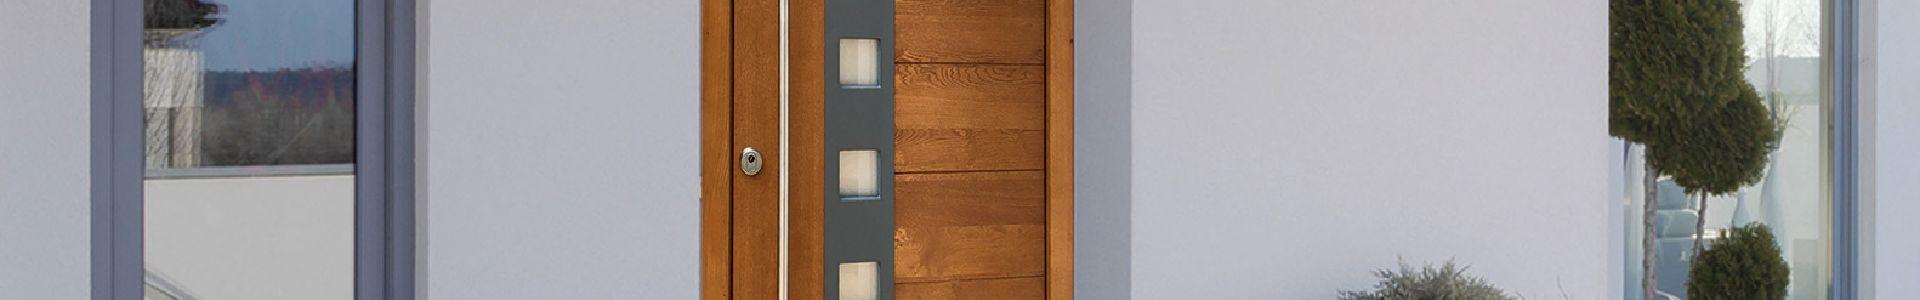 Haustürrohlinge vom Holzexperten